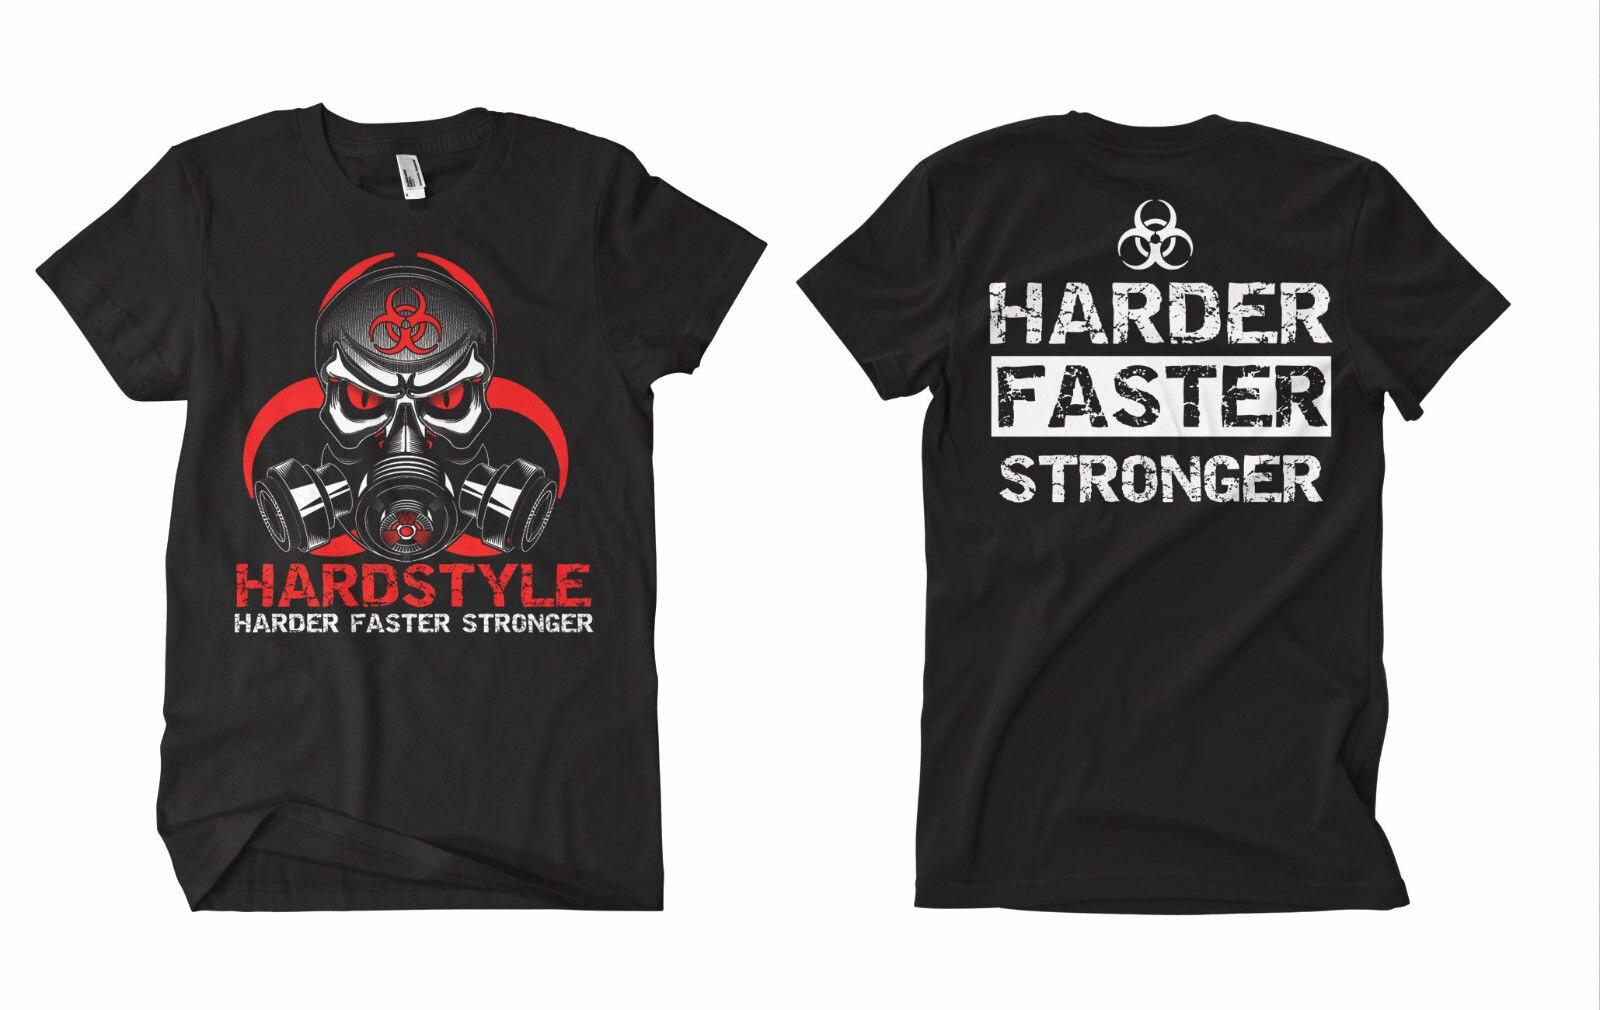 Camiseta de verano novedad camiseta de dibujos animados estilo duro camiseta de estilo duro de Gabba Hardcore Techno de la película del cuerpo de Terror de rótmano